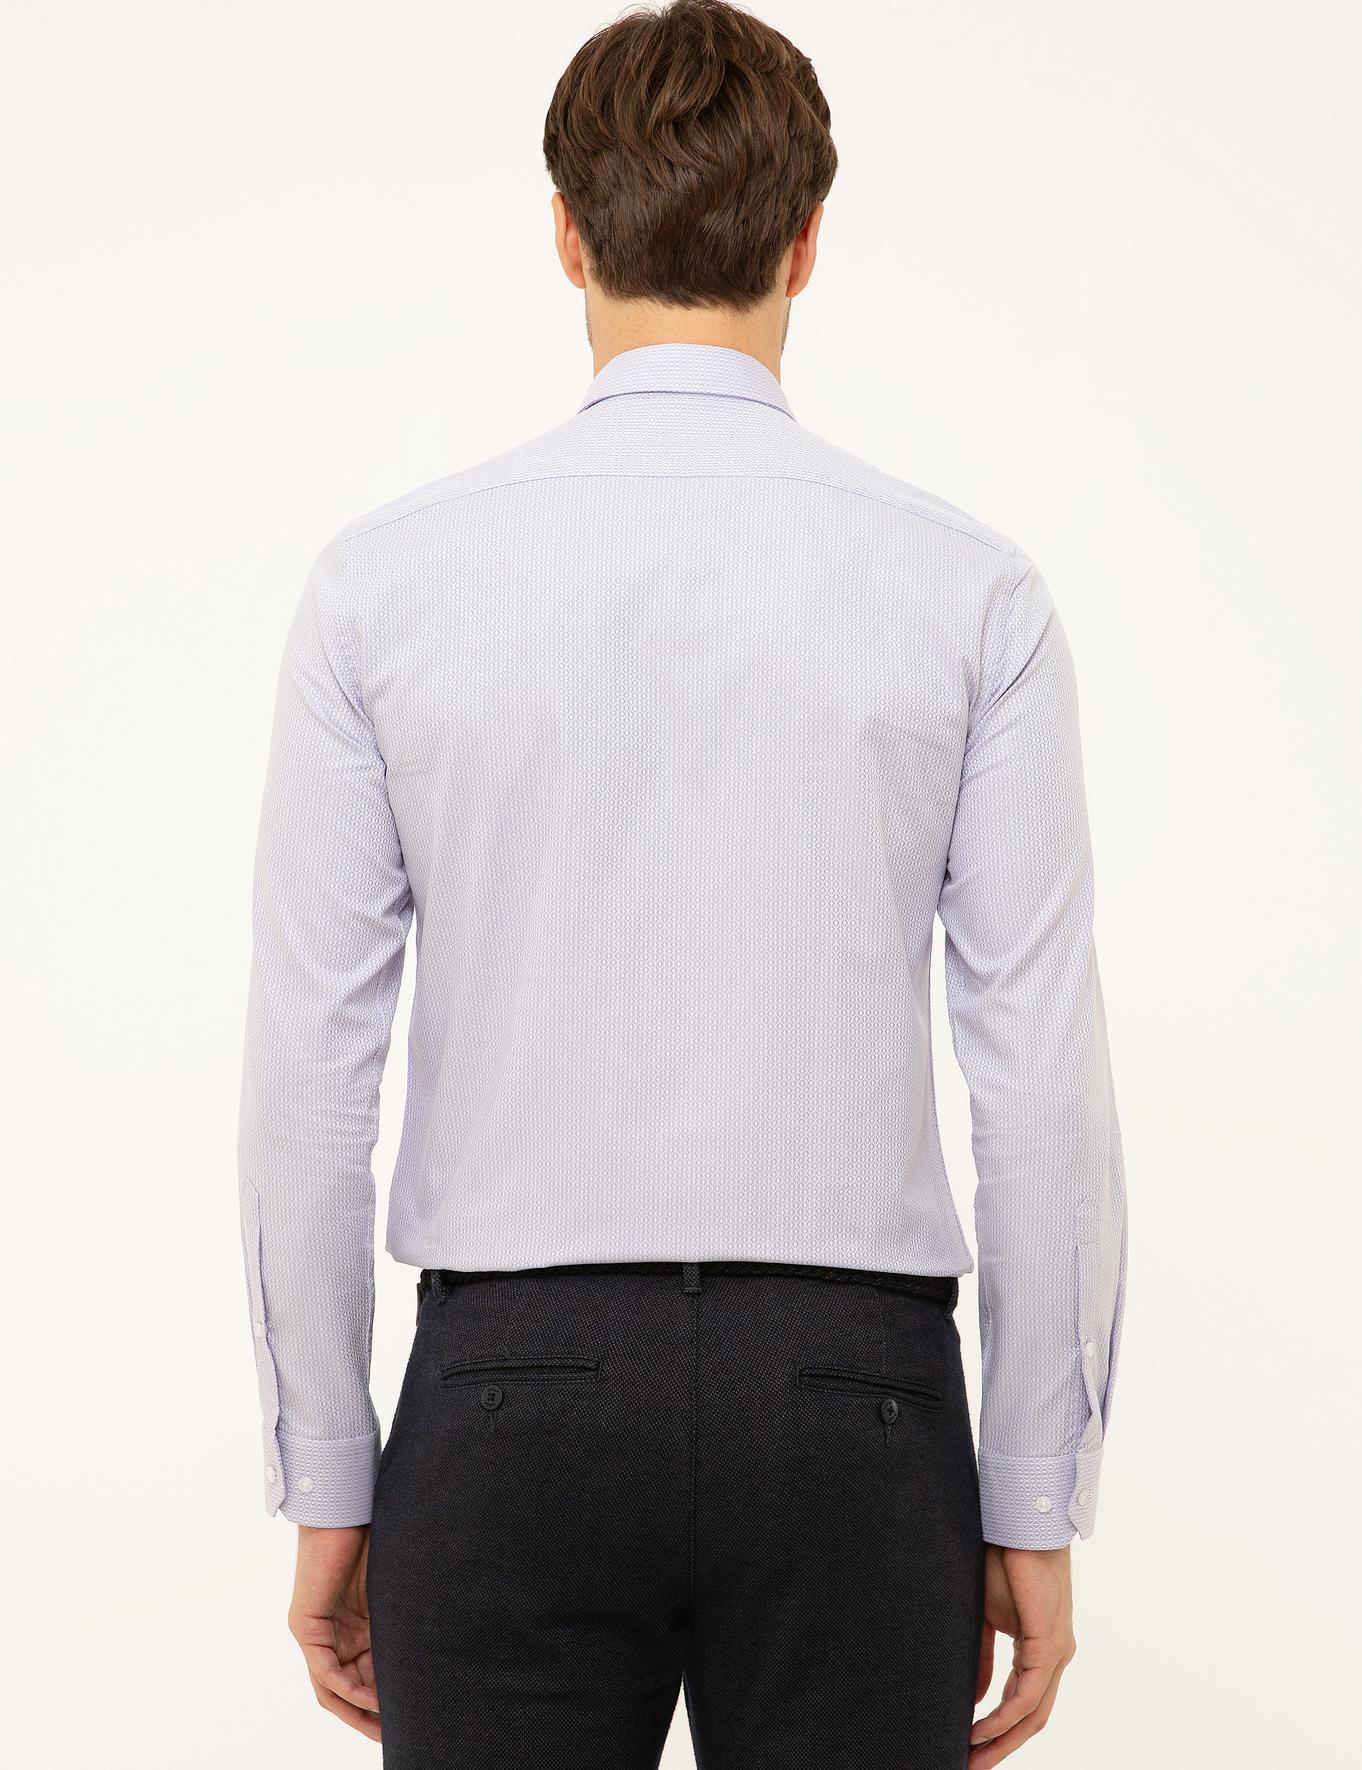 Pembe Slim Fit Gömlek - 50199631005